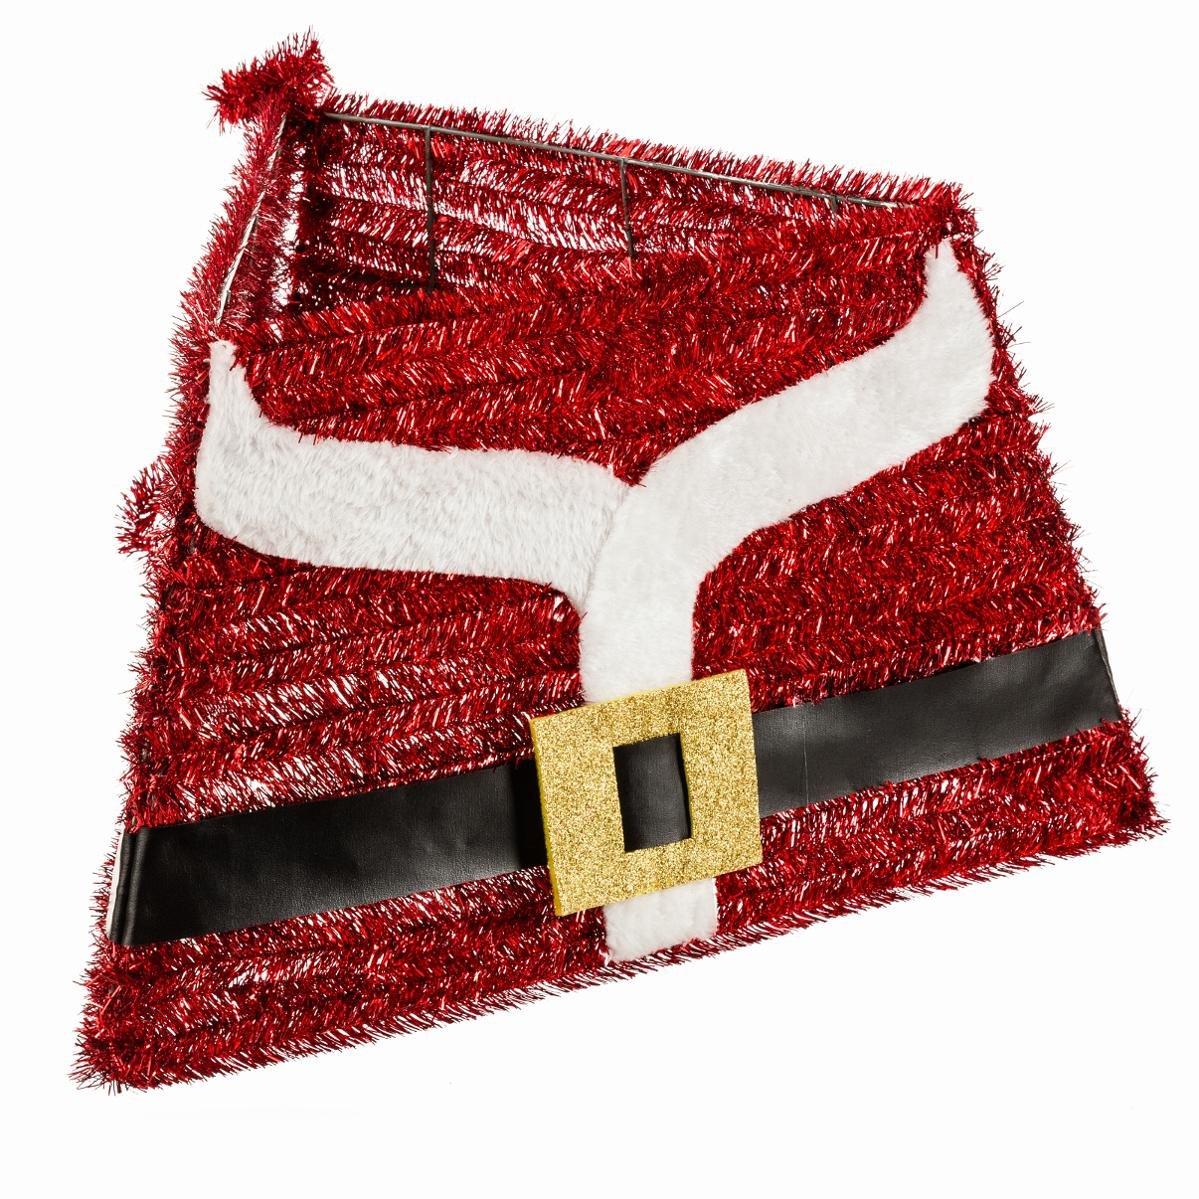 FEERIC LIGHTS & CHRISTMAS Decorazione Natalizia - Copri Base per Albero di Natale 3 Lati - Decorazione Vestito di Babbo Natale